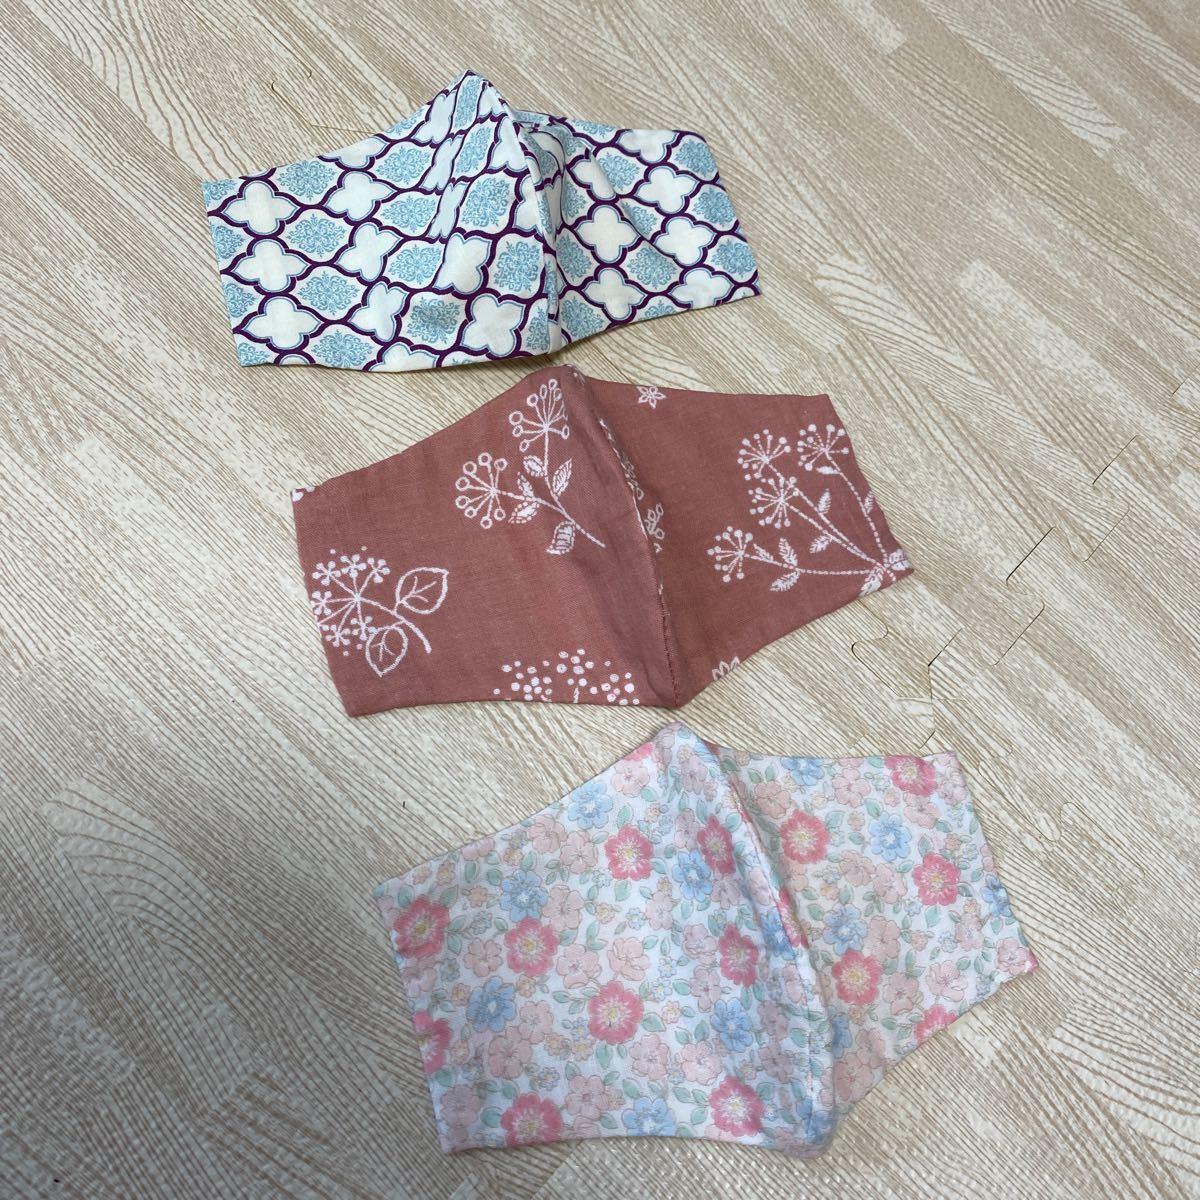 ハンドメイド インナーガーゼ インナーカバー 立体 花柄 柔らか かわいい ポケット収納付きデザイン ピンク はぎれ布付 NO10